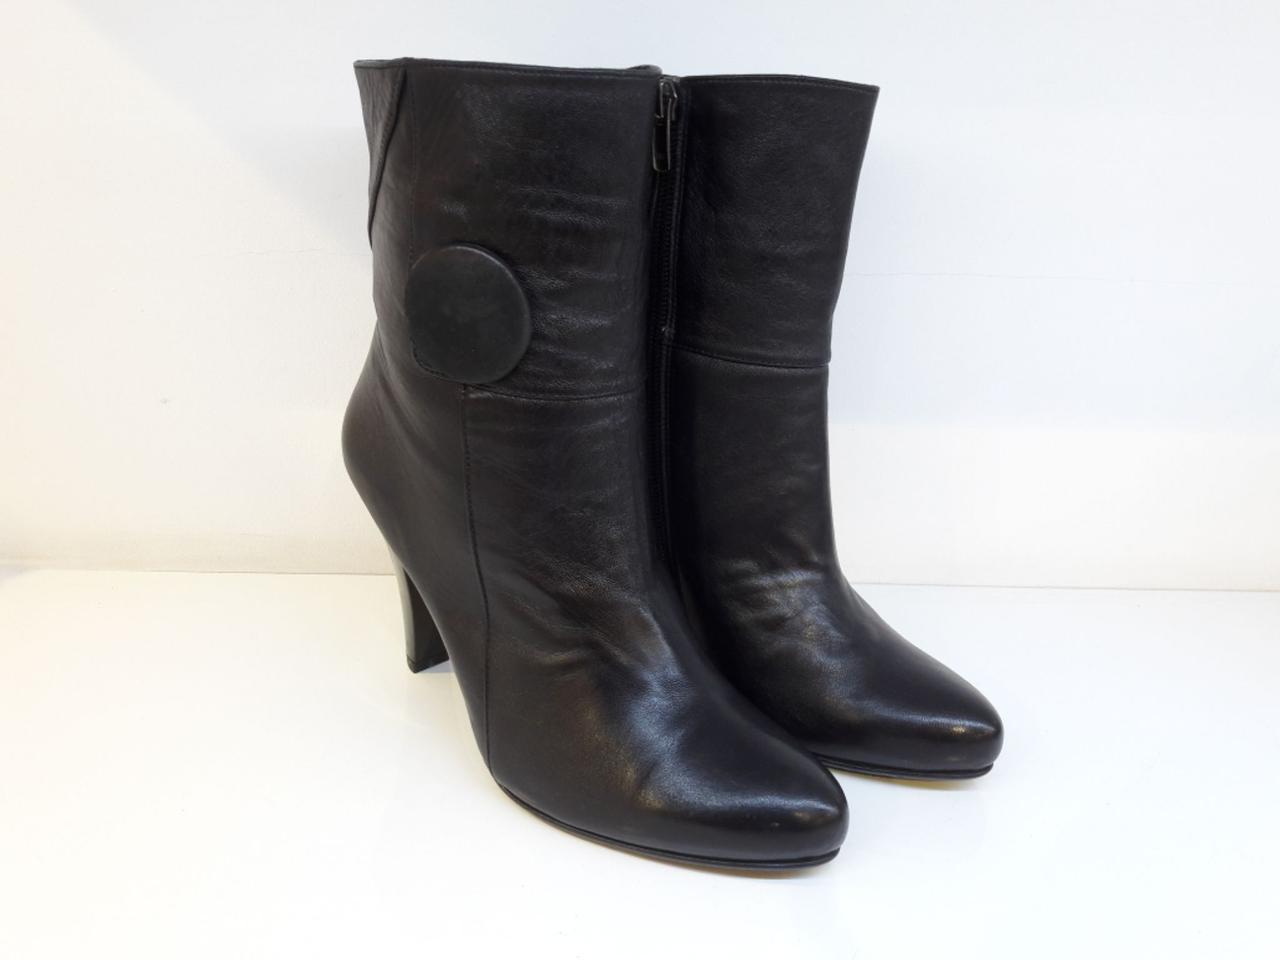 Ботинки Etor 1743-1 37 черные